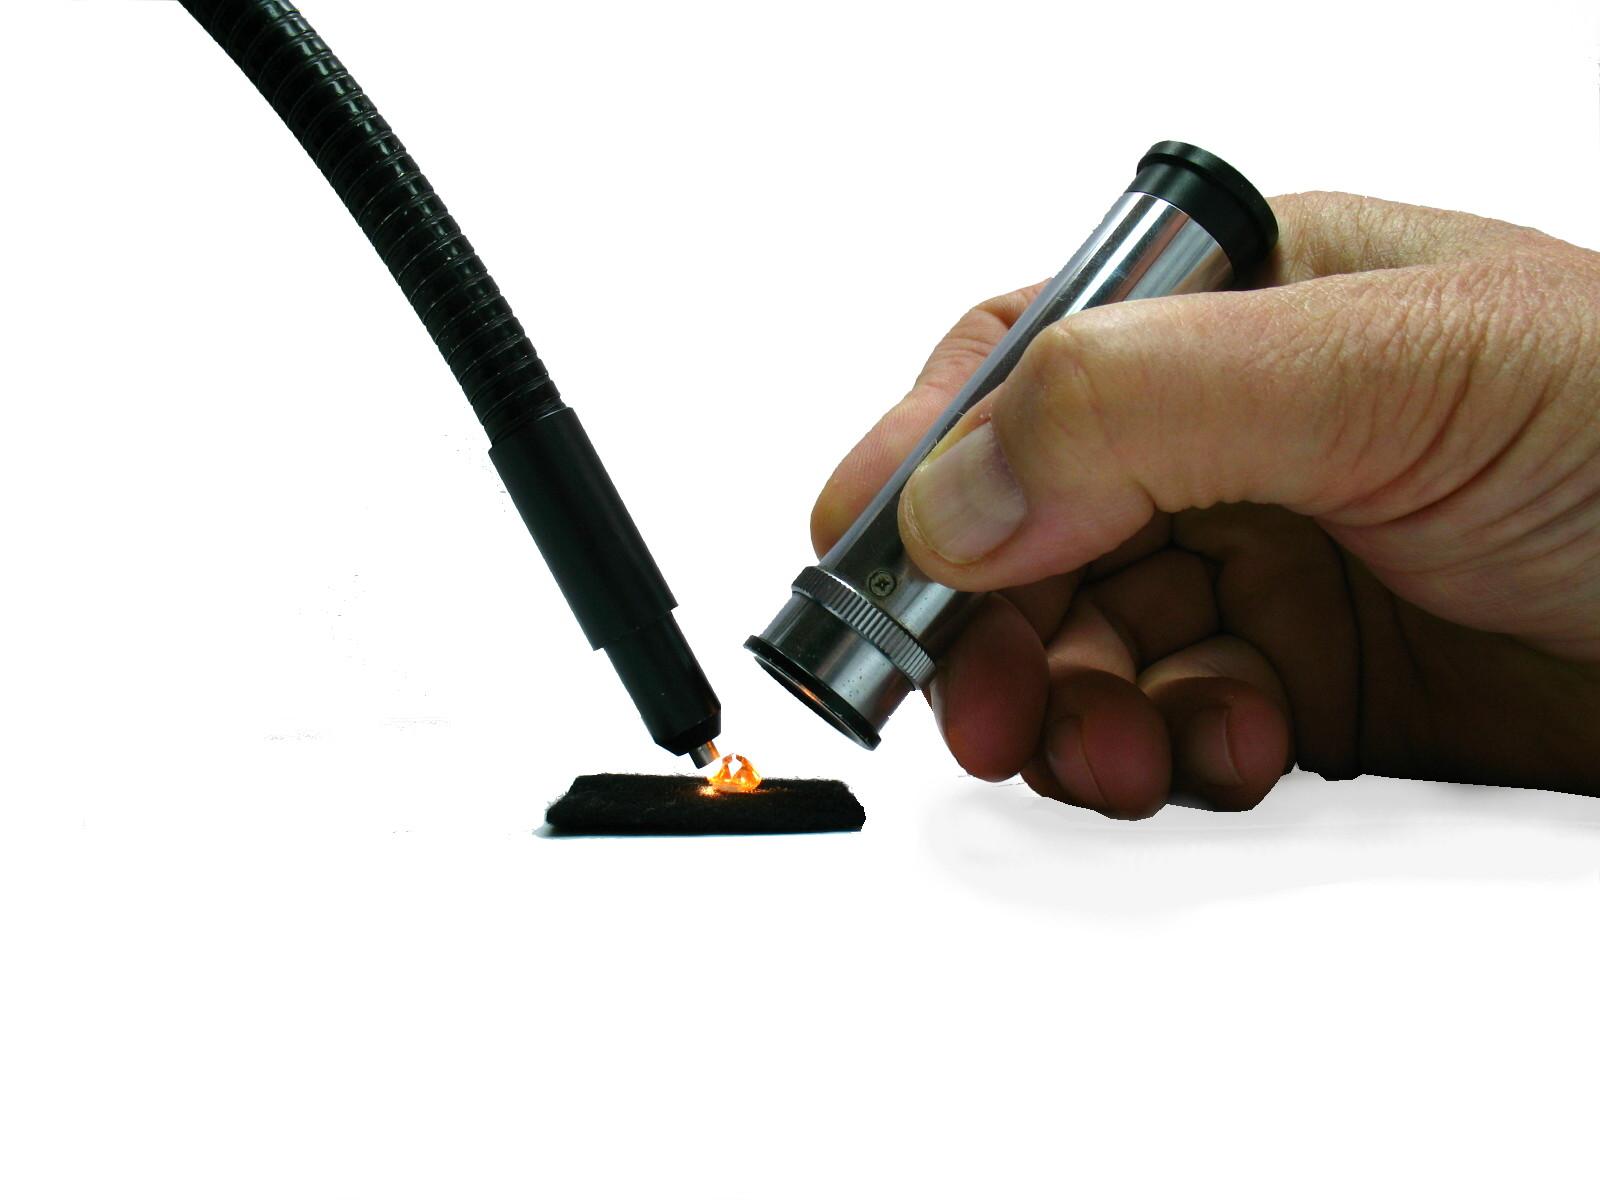 Como utilizar un espectroscopio gemológico de mano